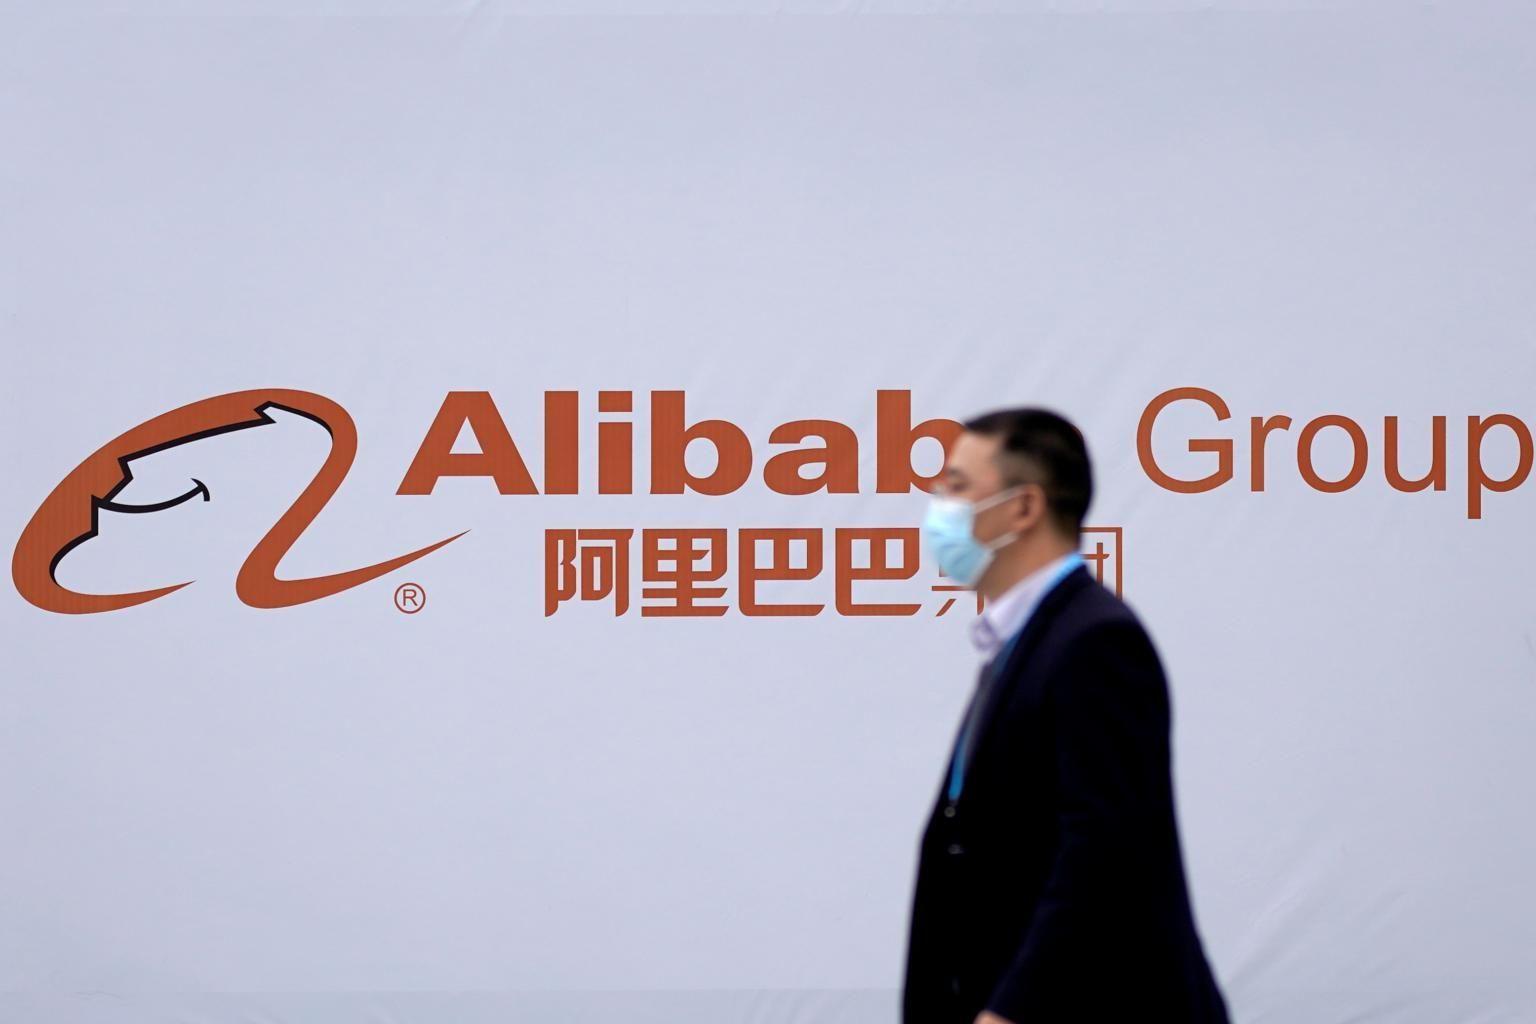 Jack Ma biến mất bí ẩn, Alibaba bị đe dọa, vị thế gặp nguy biến